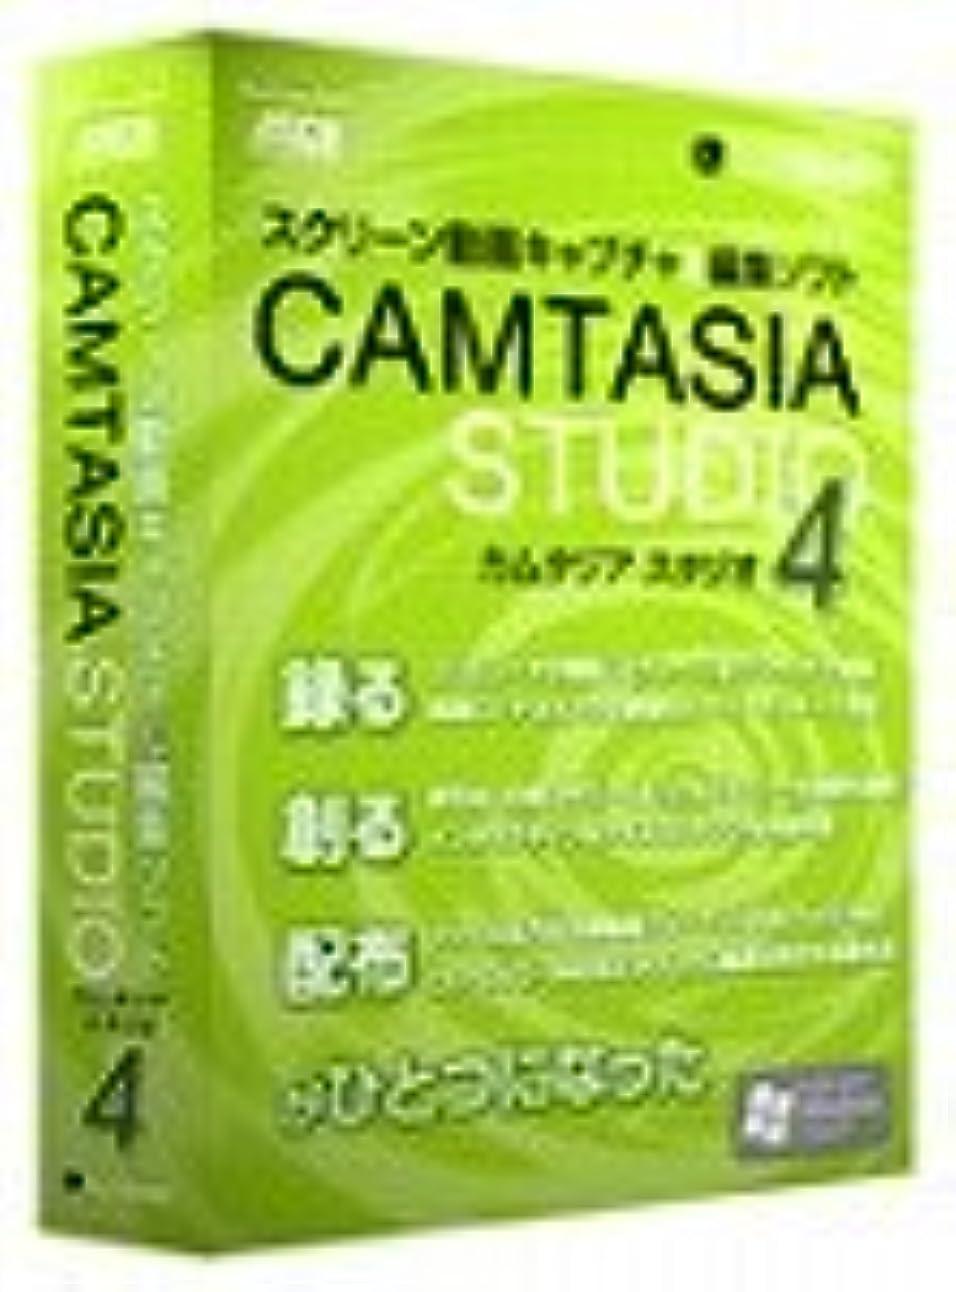 ハードウェア硫黄妻Camtasia Studio 4 日本語版 アカデミック 5ユーザー